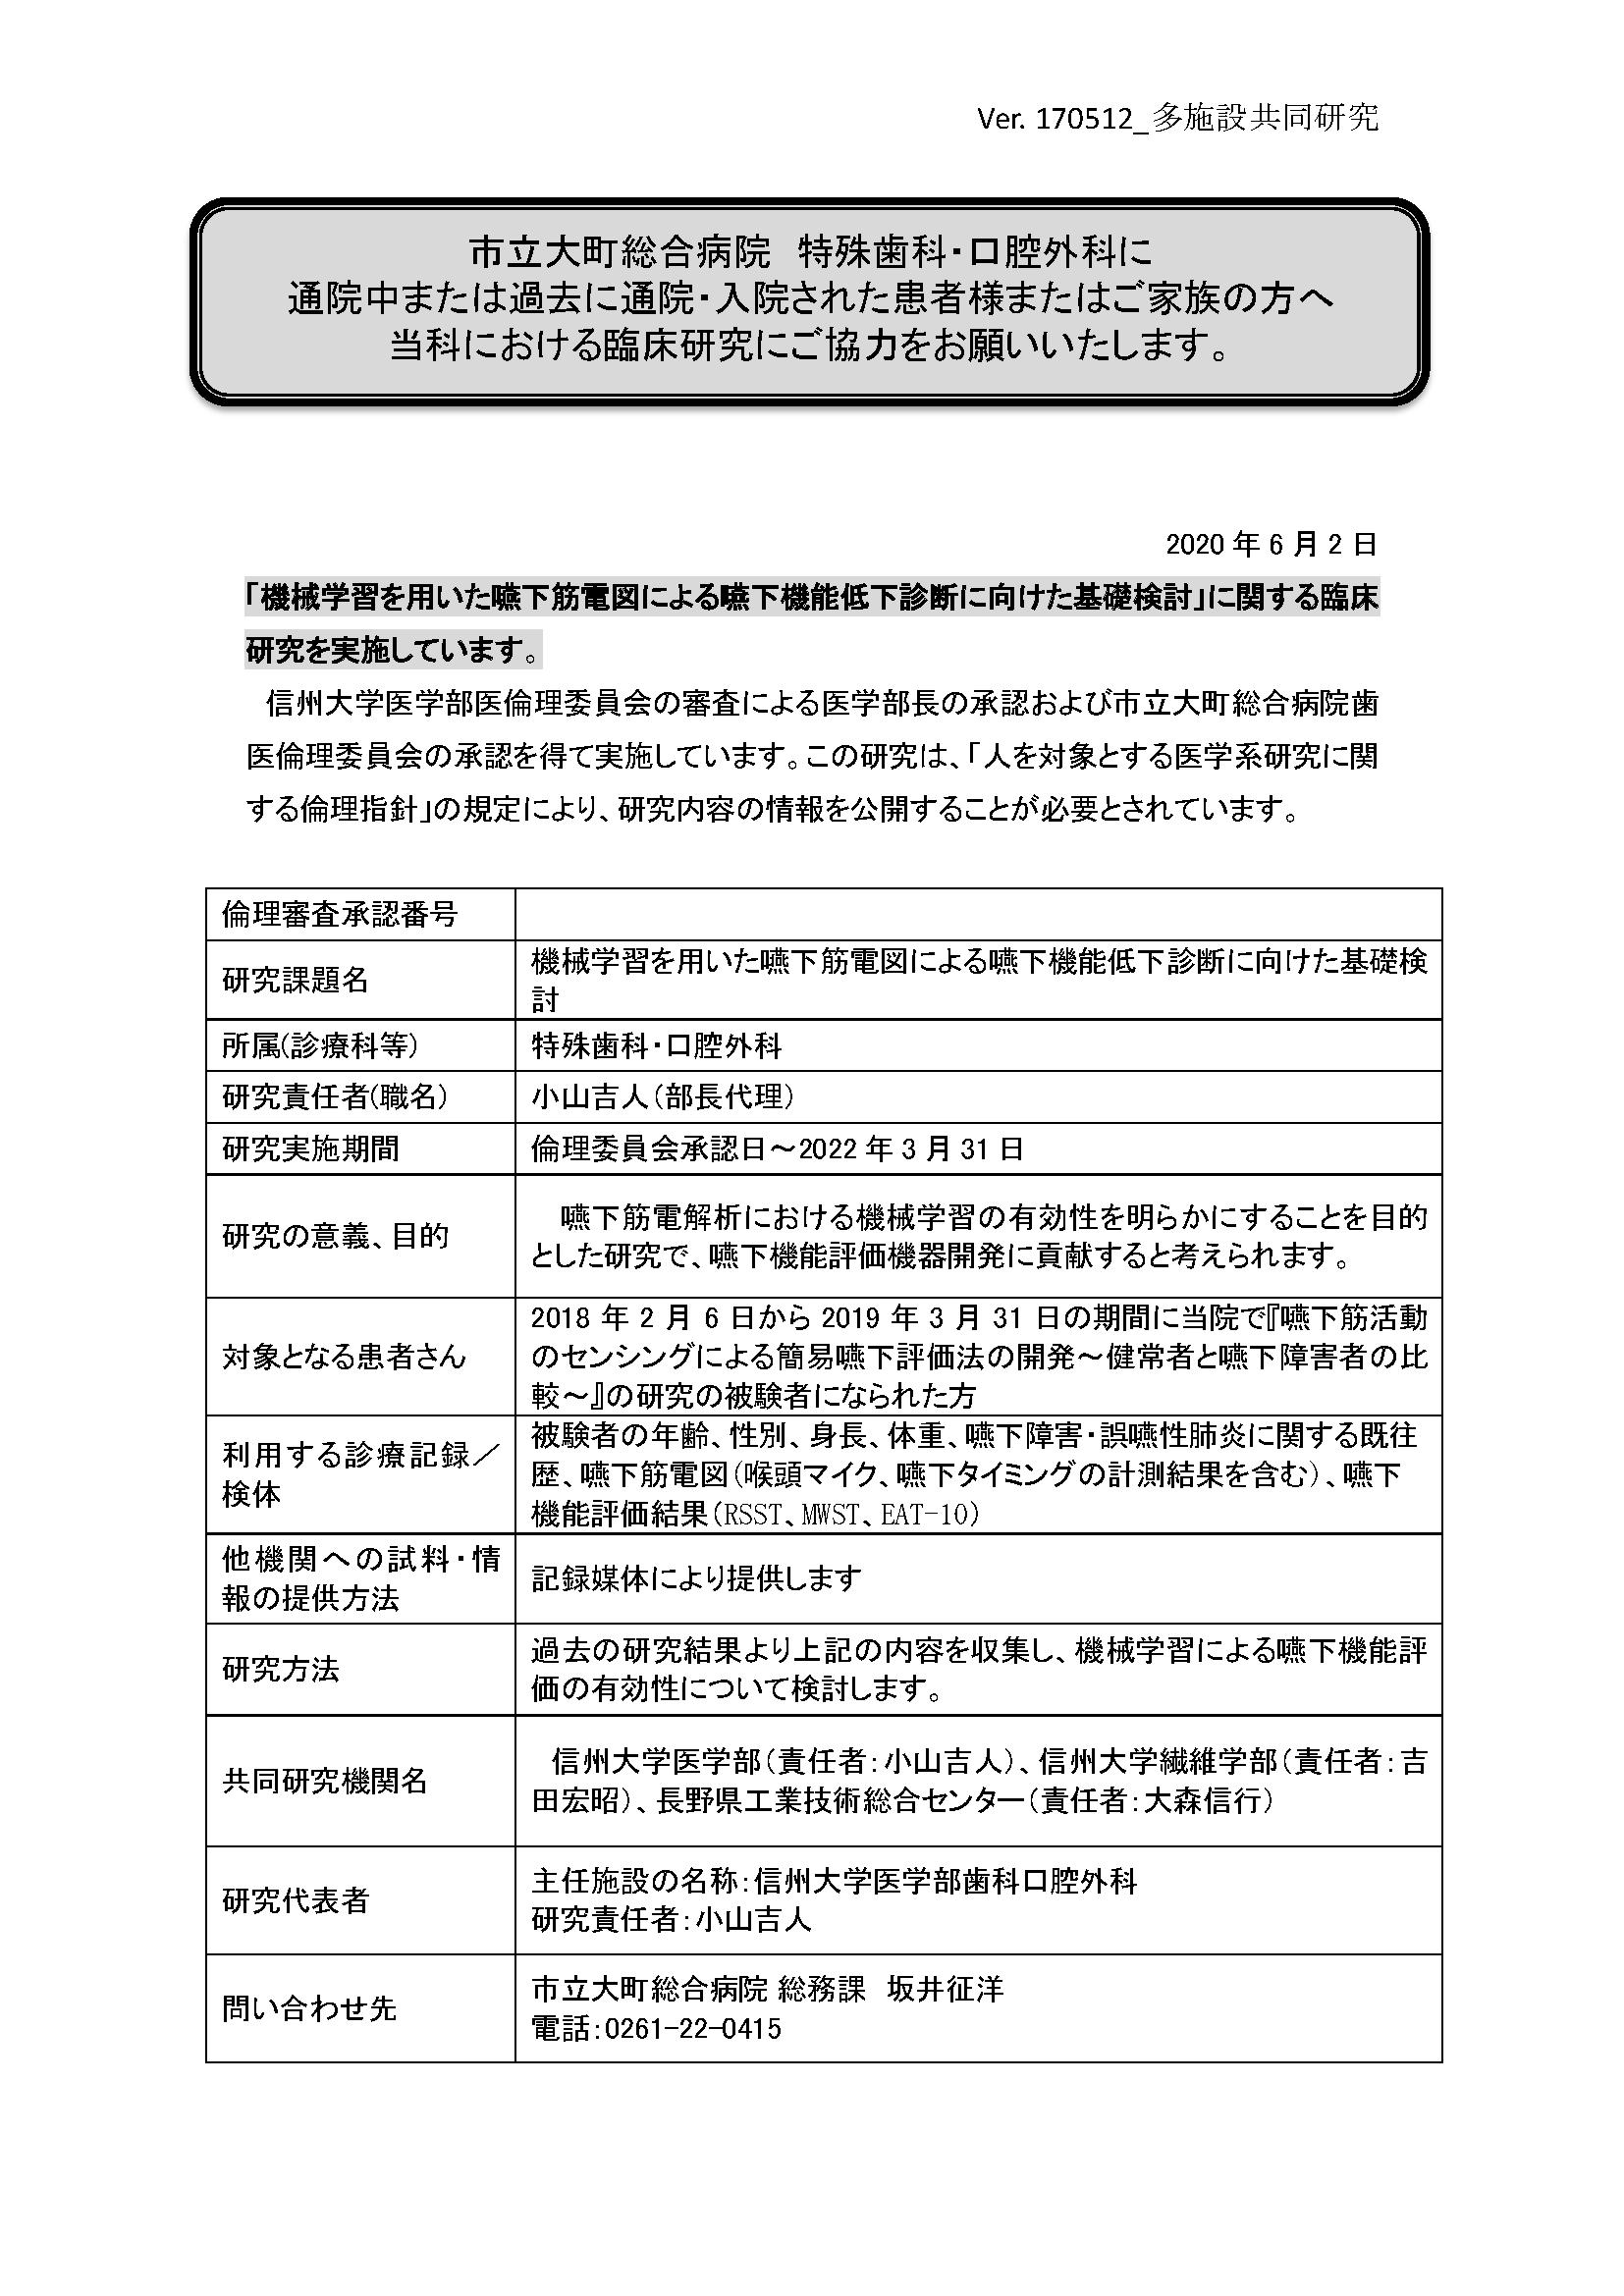 情報公開用オプトアウト文書(多施設共同研究:提供を行う場合)市立大町総合病院用0427_ページ_1.png